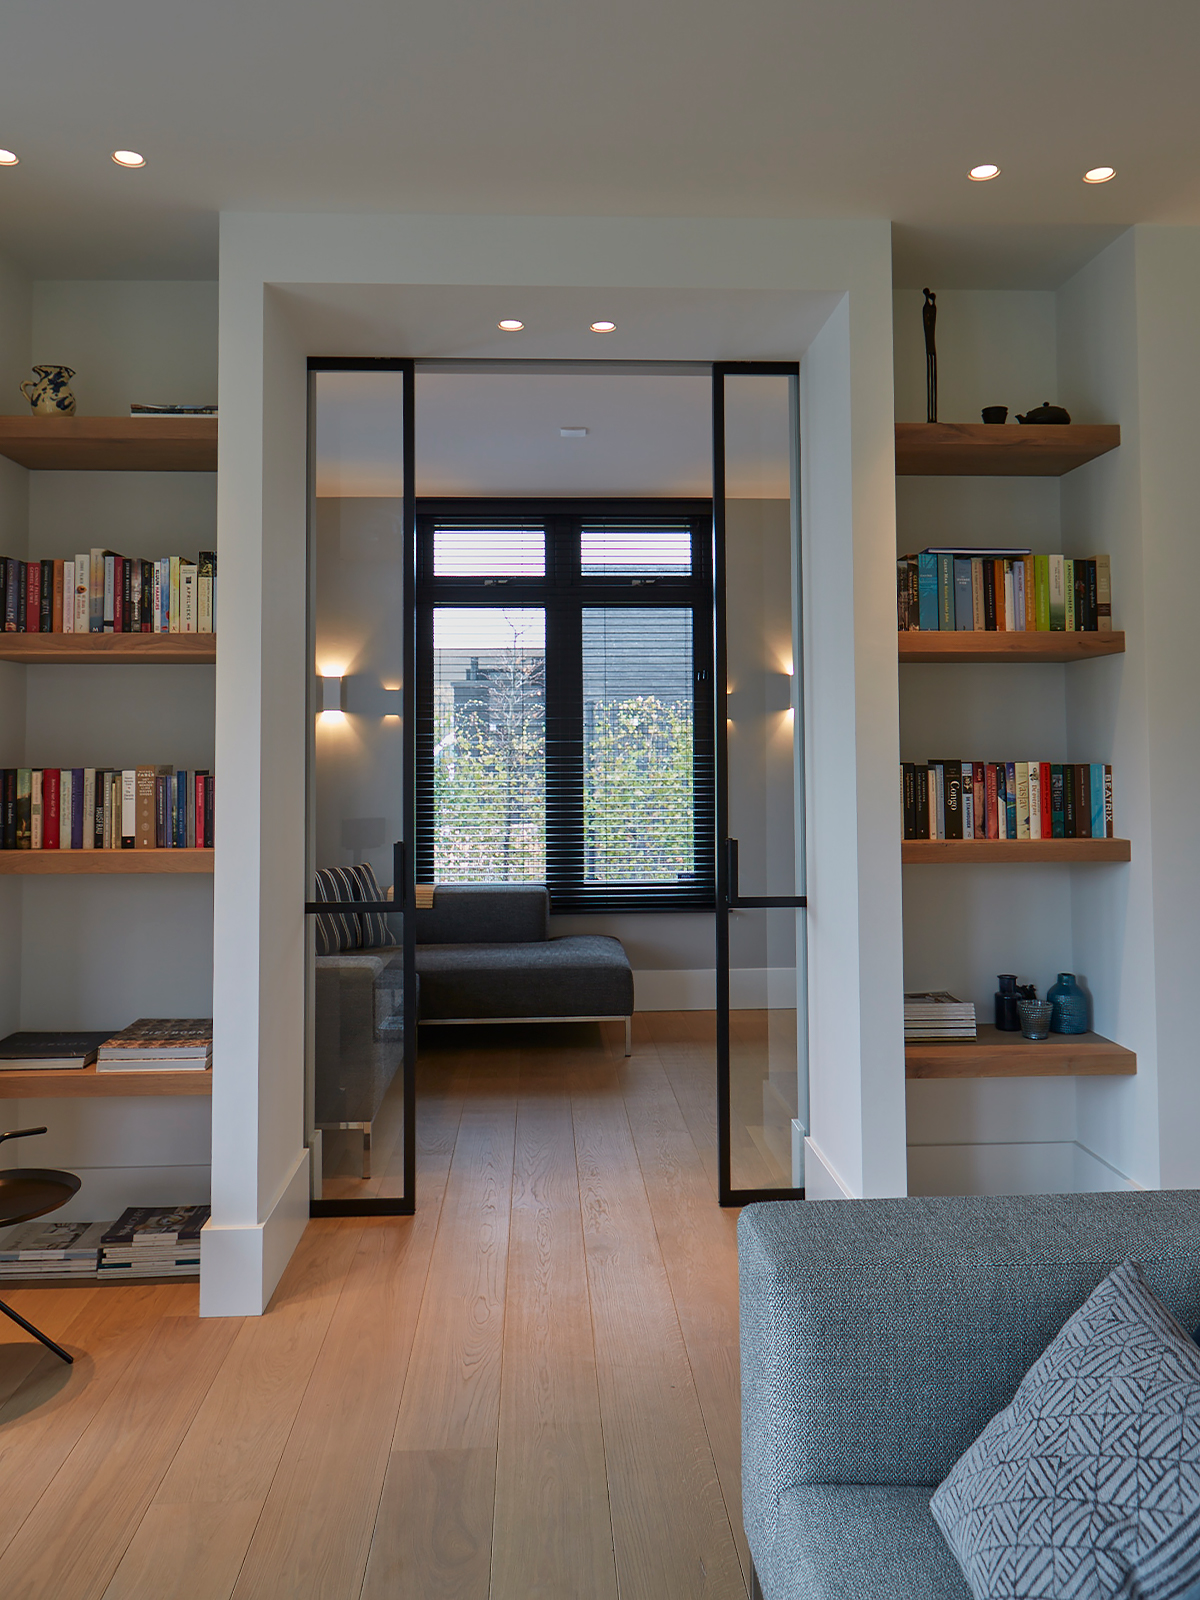 Tijdloze villa met klassieke details, AA+ Ontwerpbureau, stalen deur met glas, ingebouwde boekenrekken